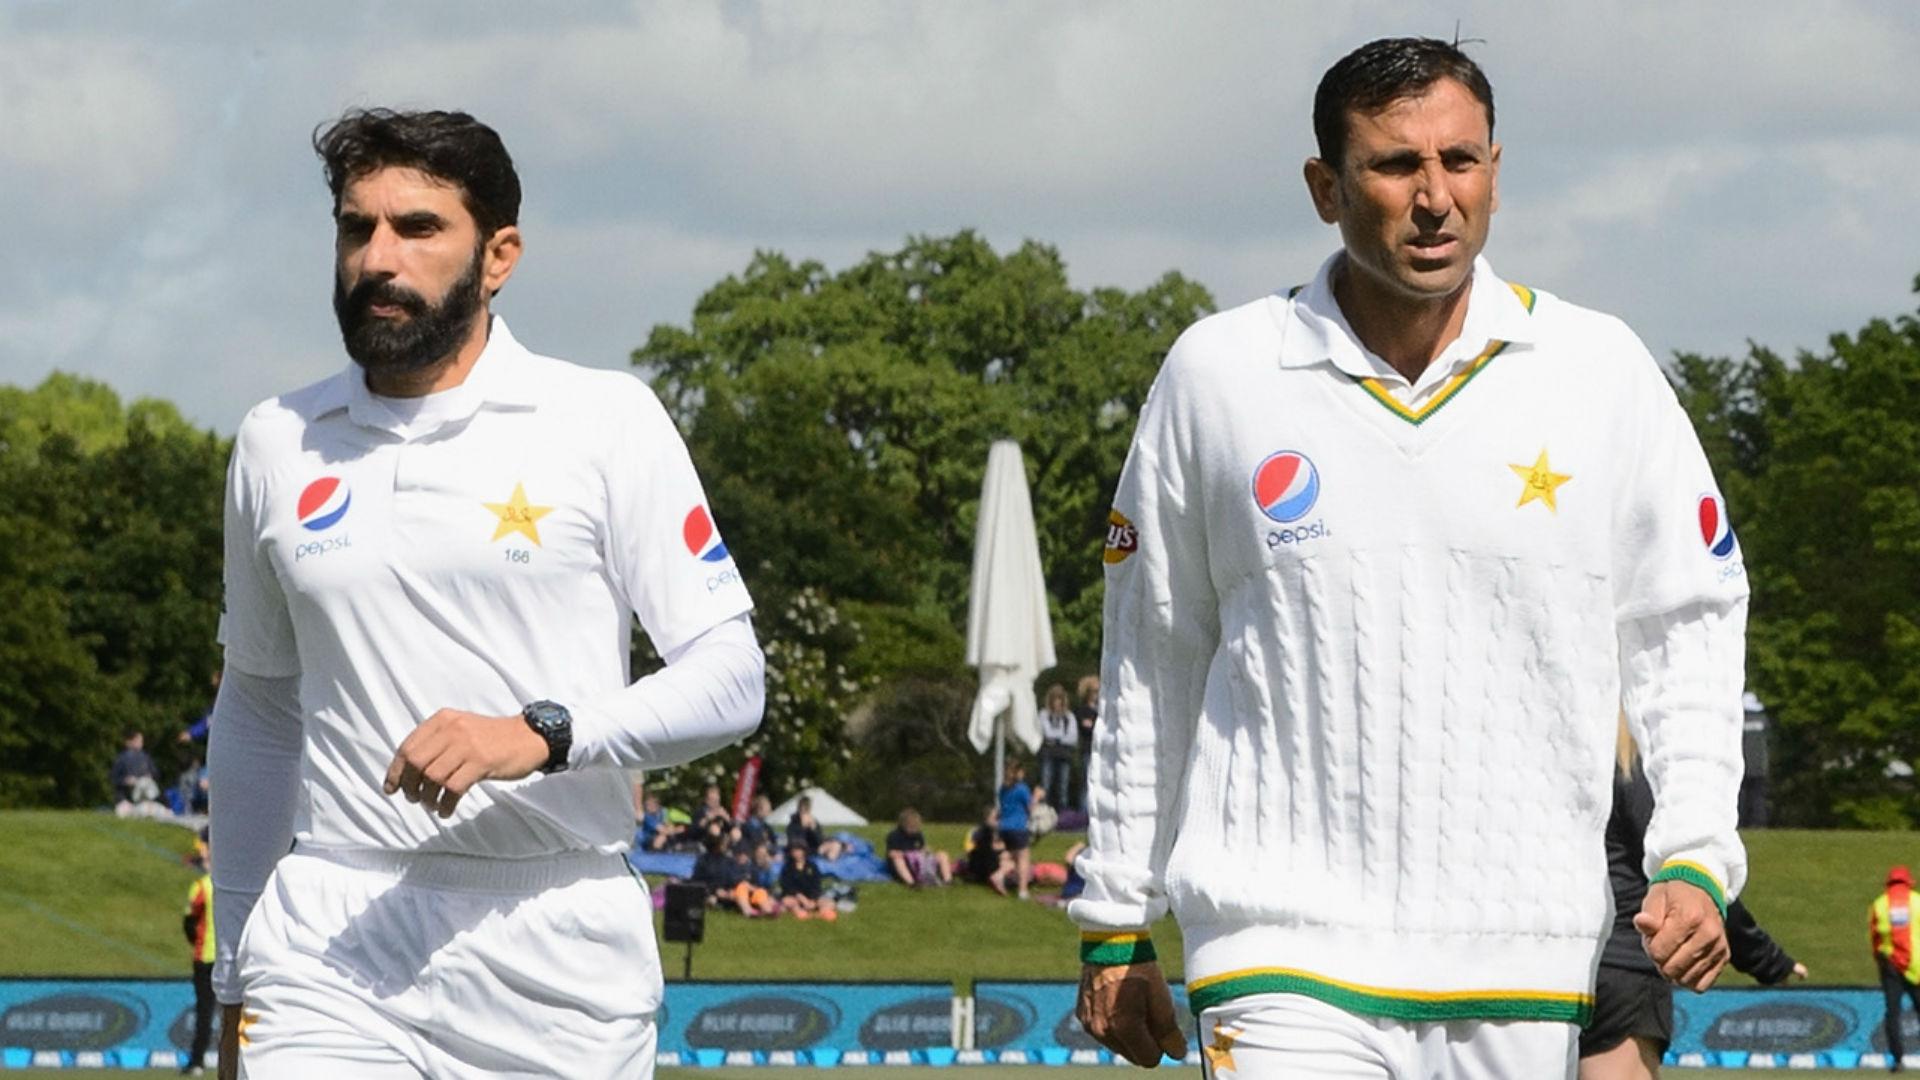 पाकिस्तान के 2 दिग्गजों के एकसाथ सन्यास लेने के फैसले के खिलाफ उतरे पूर्व दिग्गज खिलाड़ी 18